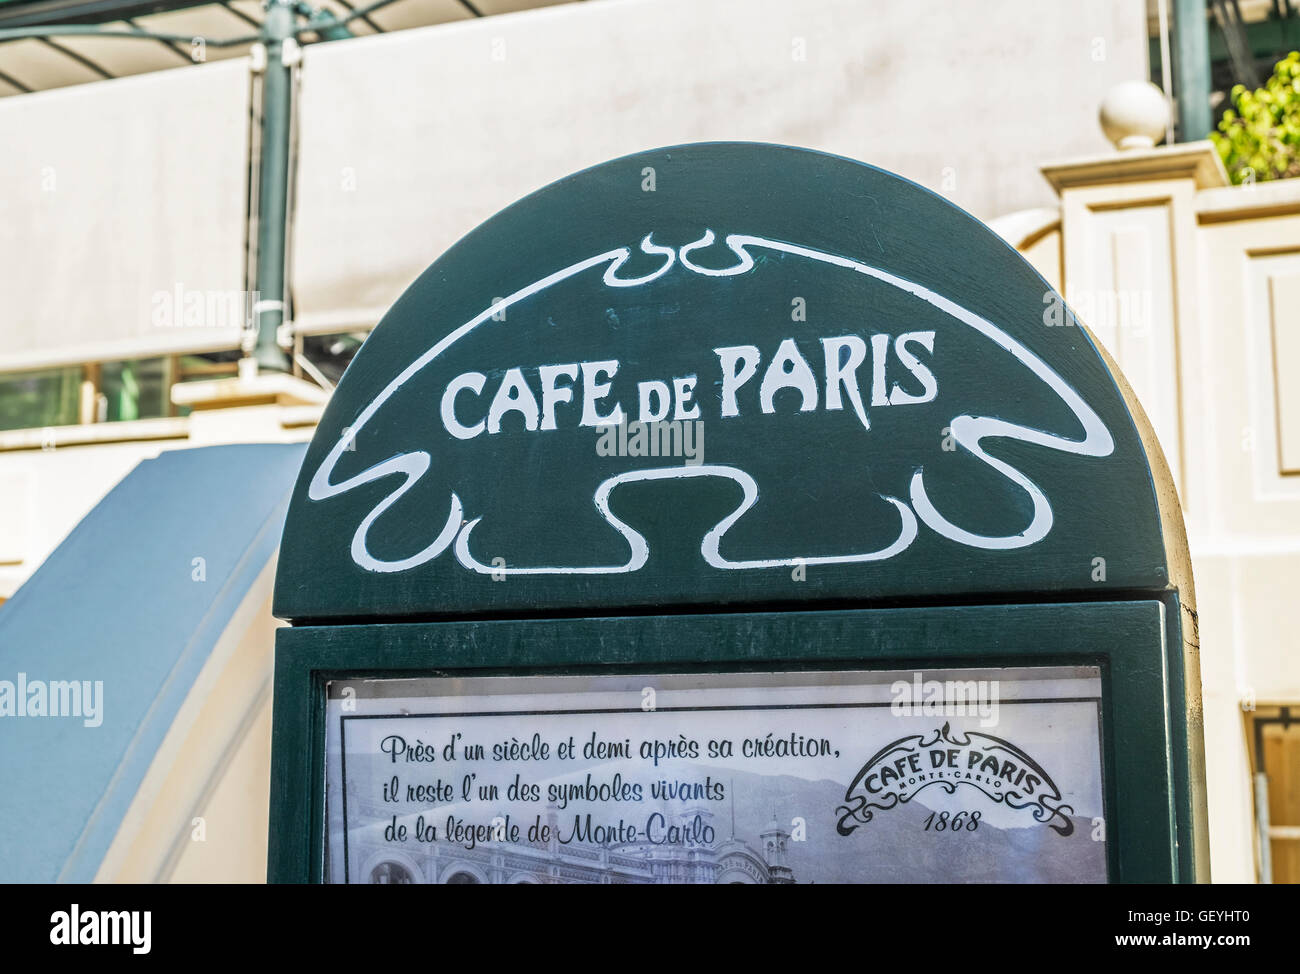 CAFE DE PARIS, Monte Carlo, Monaco - Stock Image